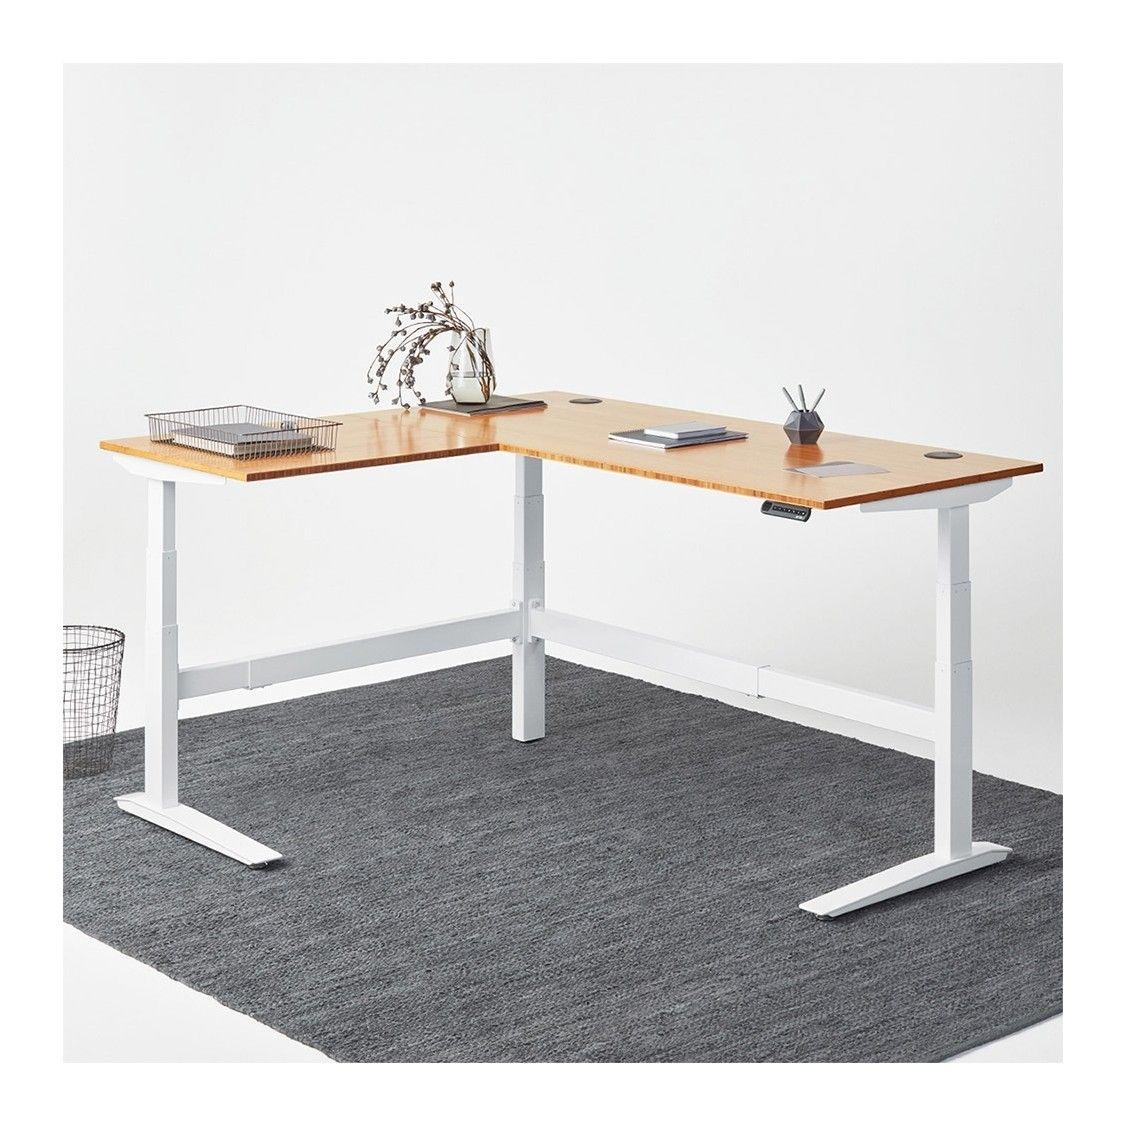 Newheights Eficiente Lt Series L Shaped Electric Sit Stand Desk Electric Sit Stand Desk Sit Stand Desk Corner Standing Desk